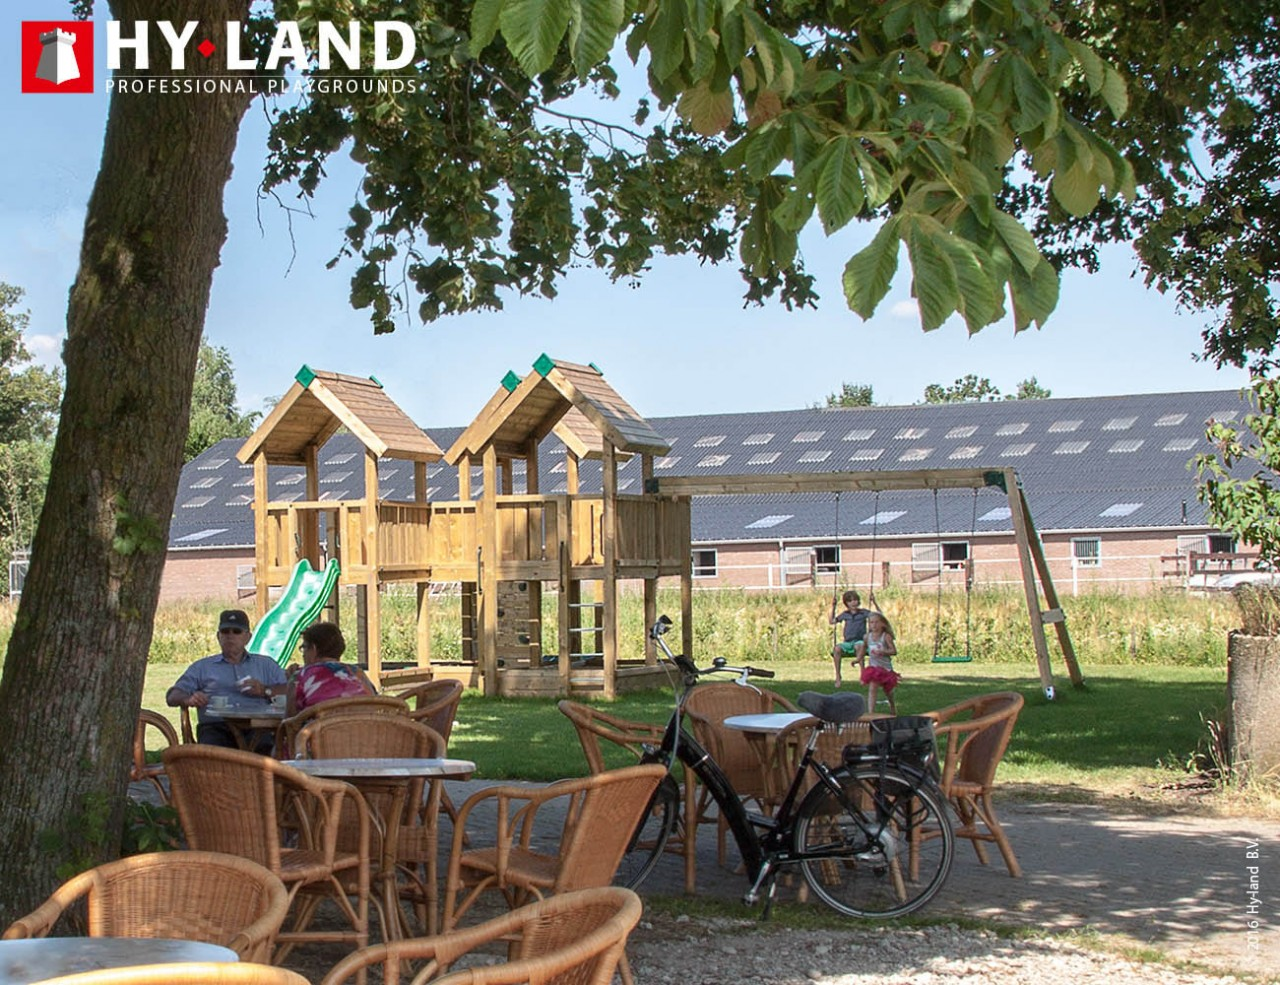 Spielturm Hy-Land P8-S in Douglasie